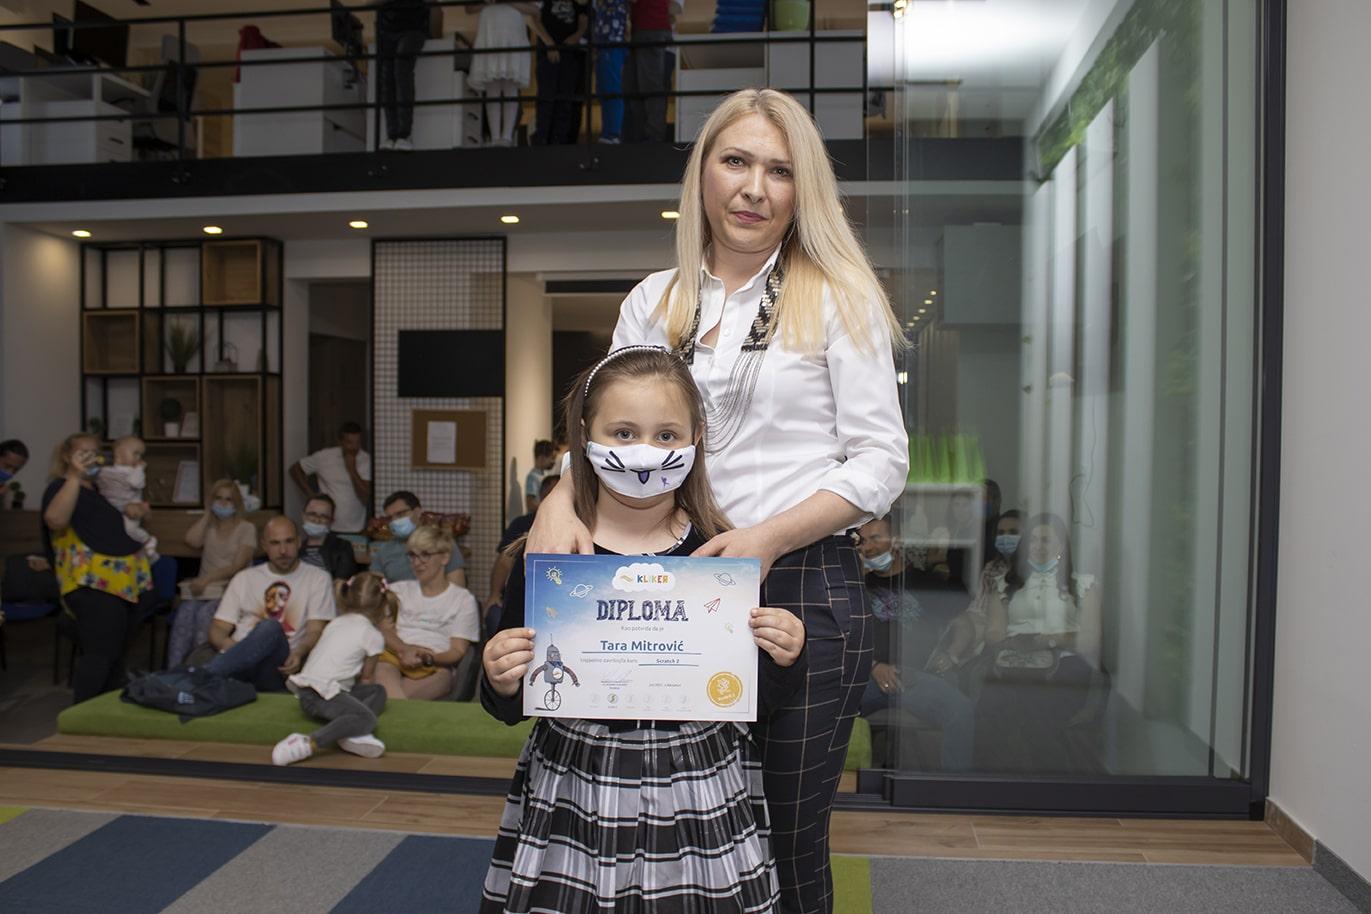 Dodjela diploma 2021. - Kliker Banja Luka